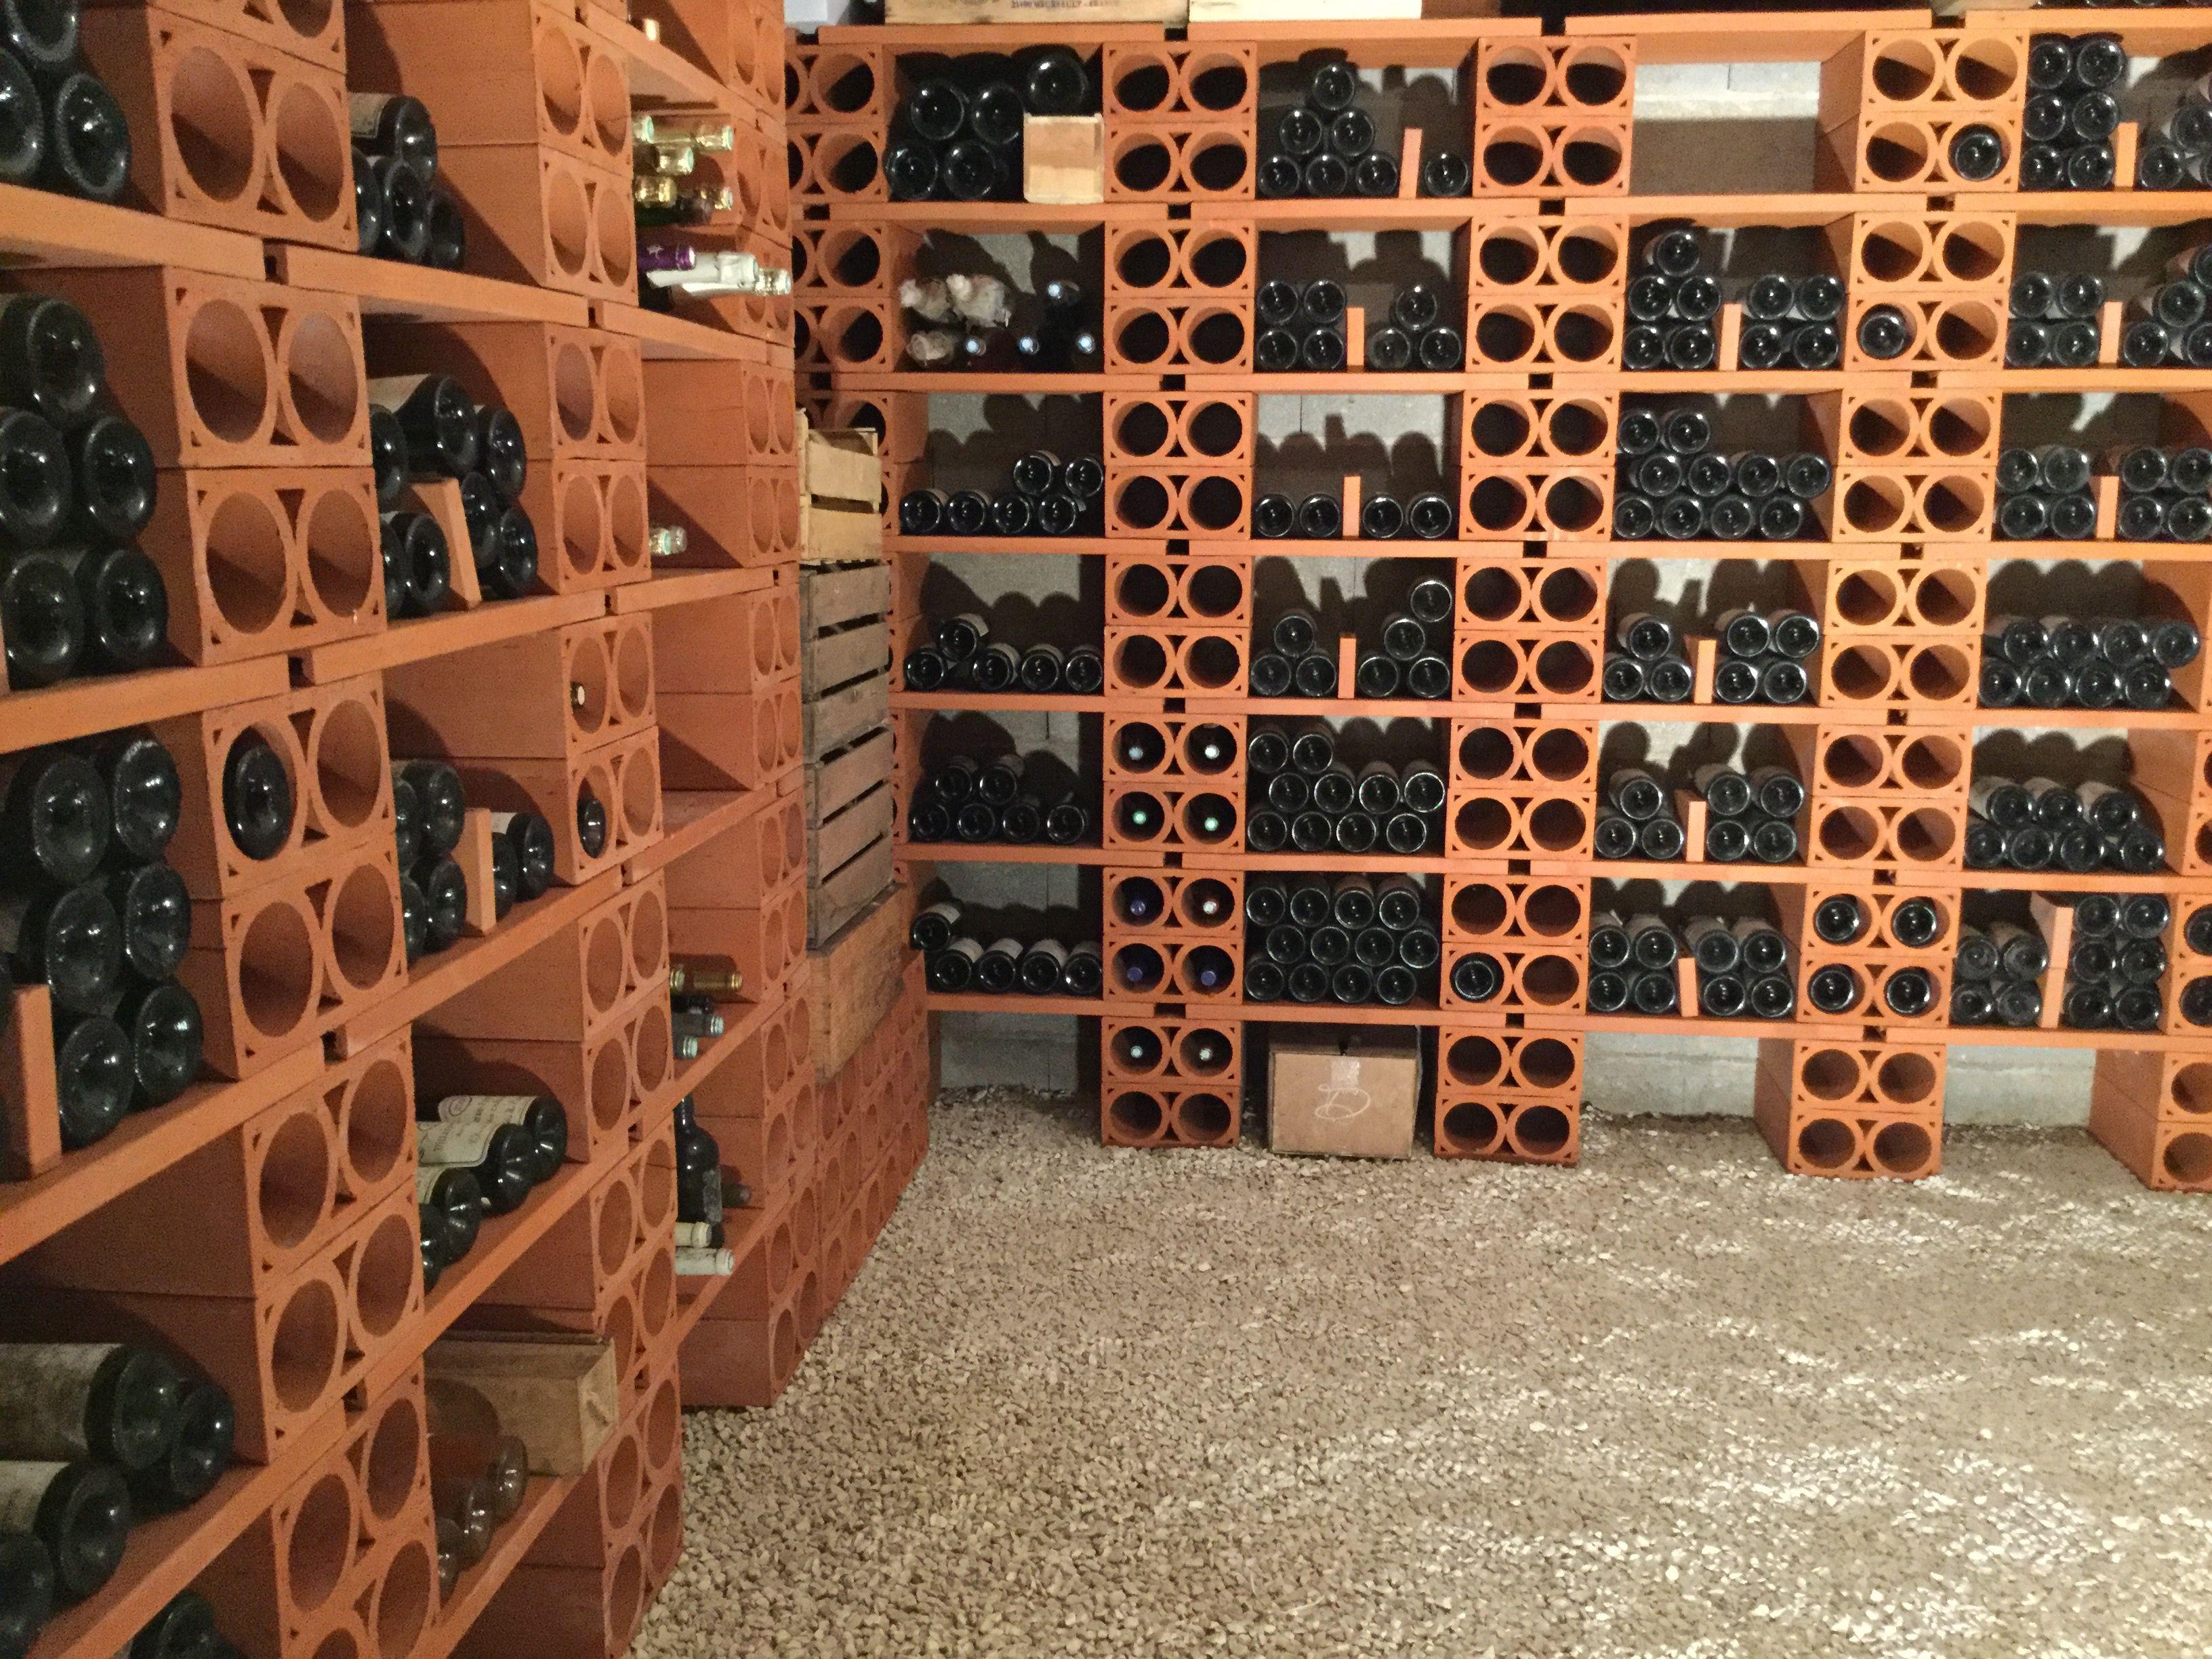 Epingle Par Elaurent Sur Composition De Casiers A Vin En Terre Cuite De La Tuilerie Laurent Casier Vin Deco Maison Vin